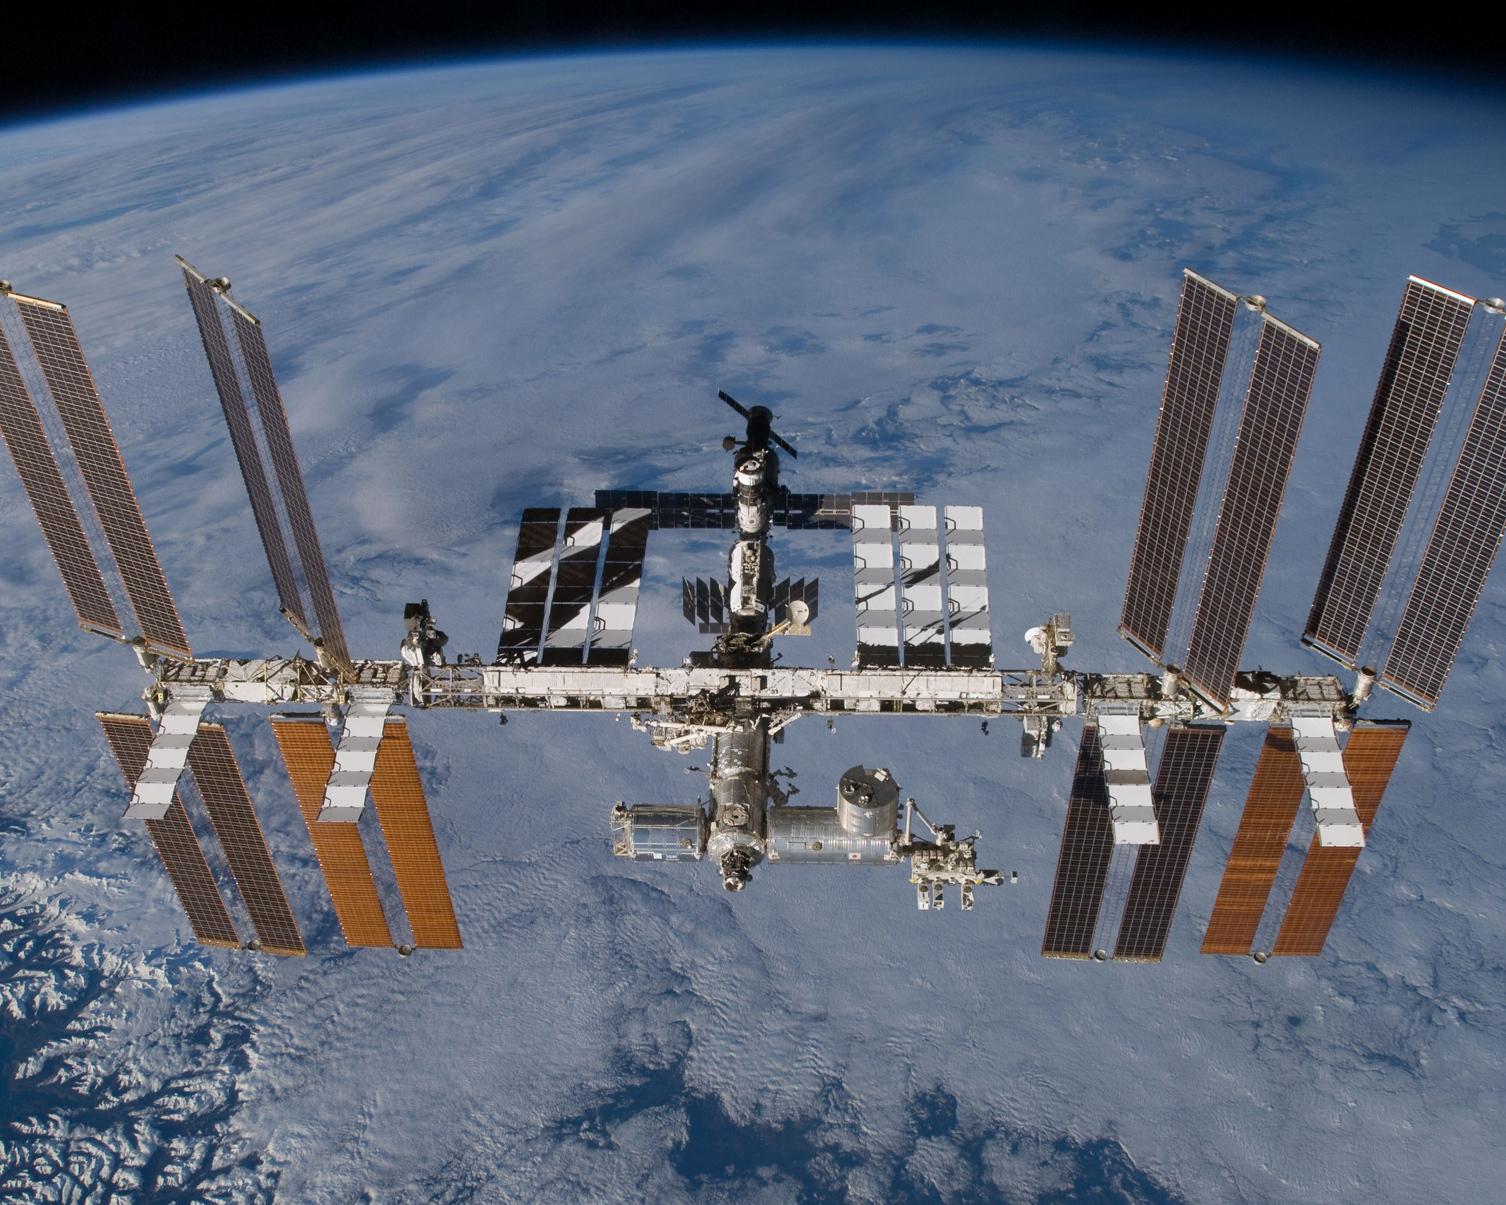 Batteri 'alieni' scoperto sulla Stazione Spaziale Internazionale: è mistero